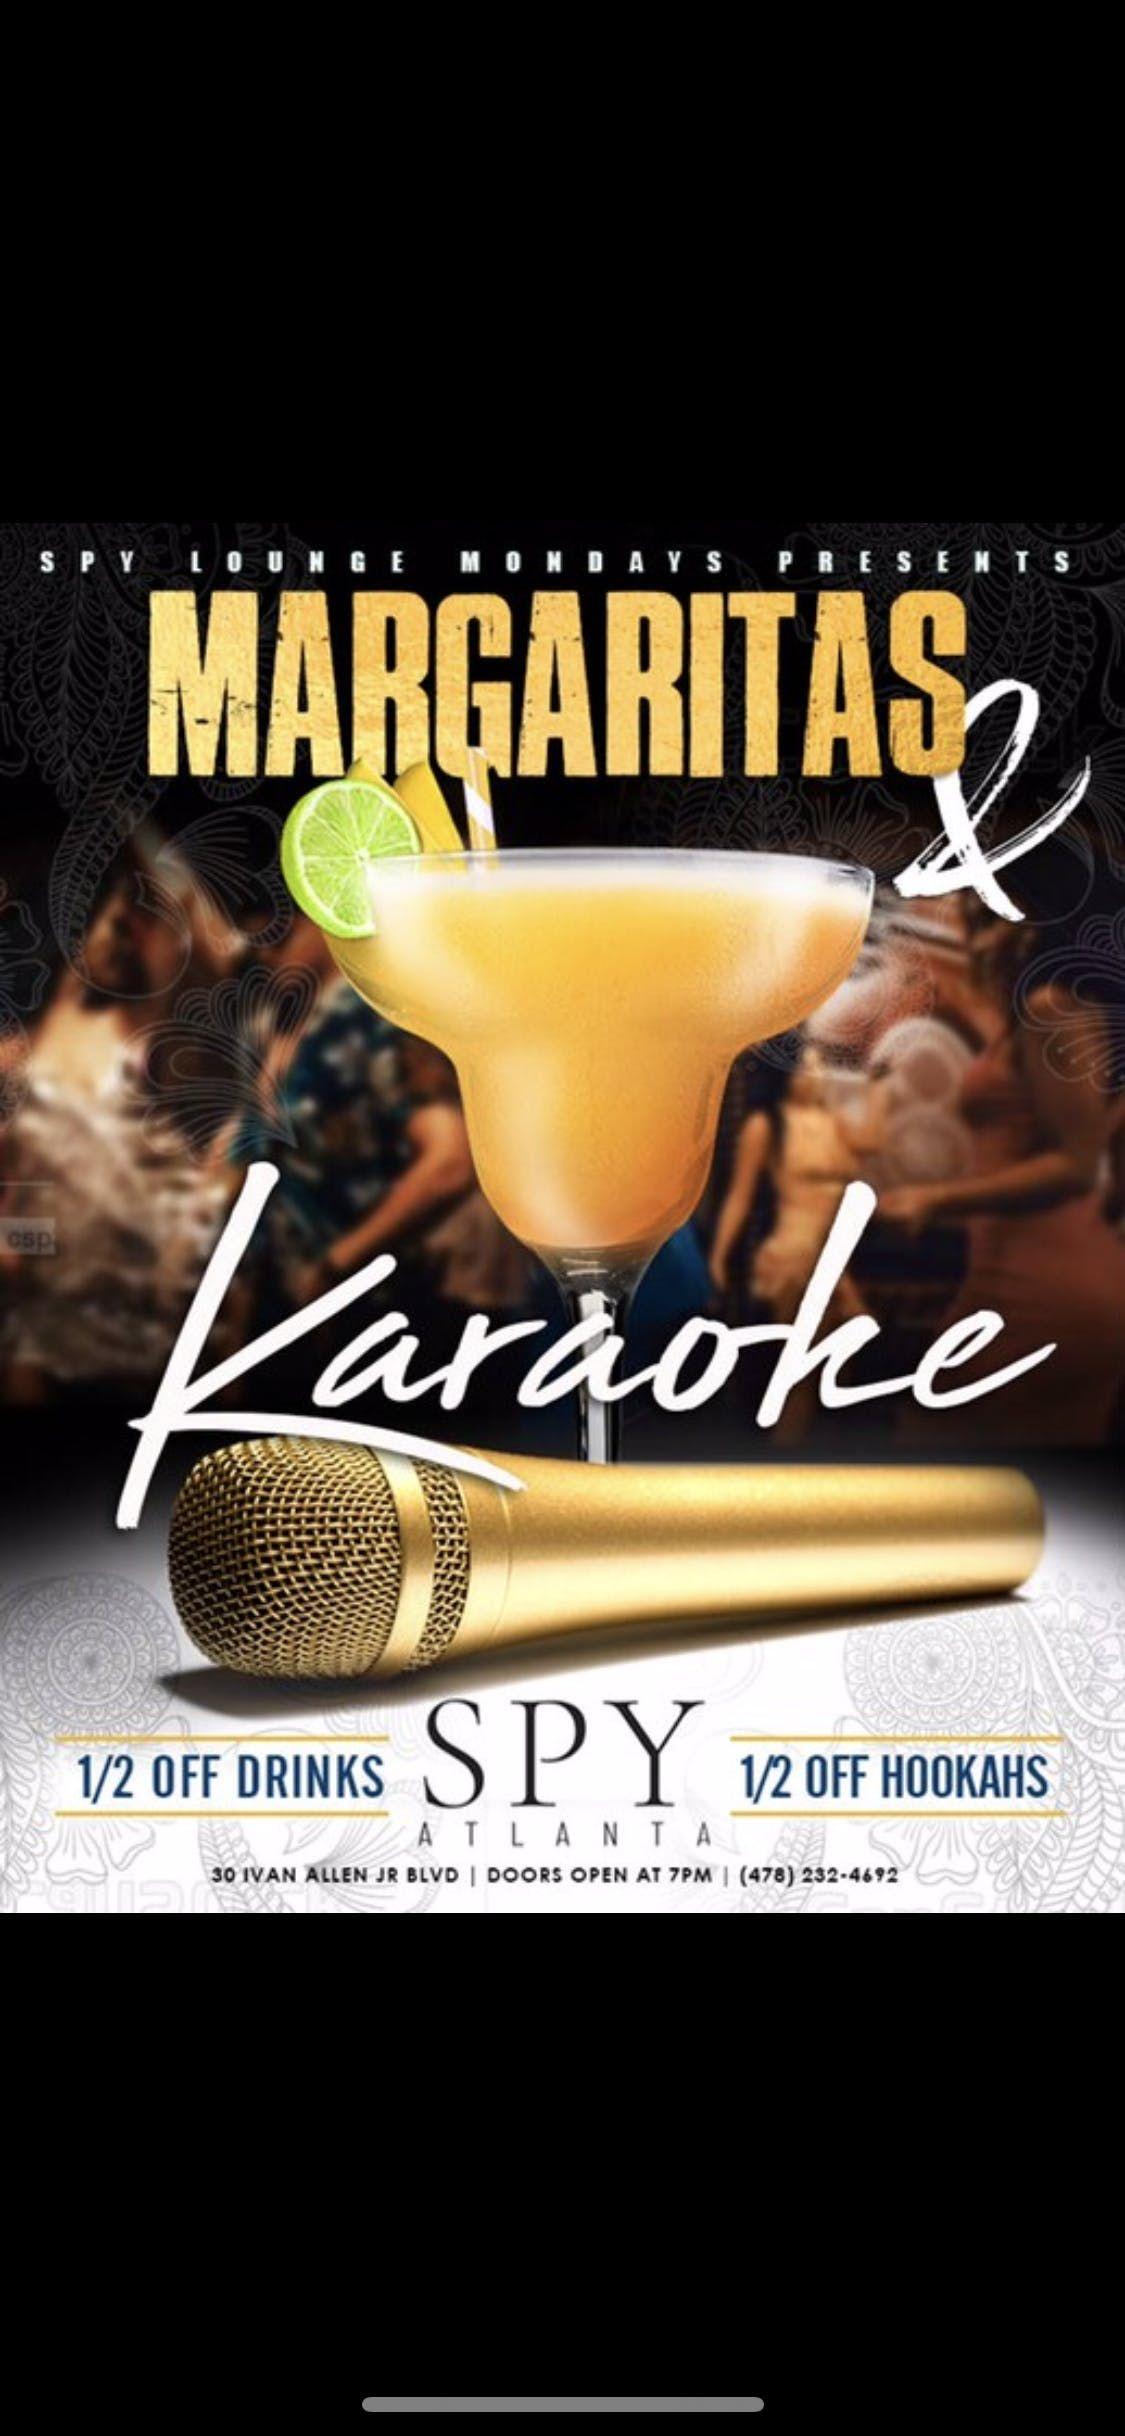 Karaoke And Margaritas Monday